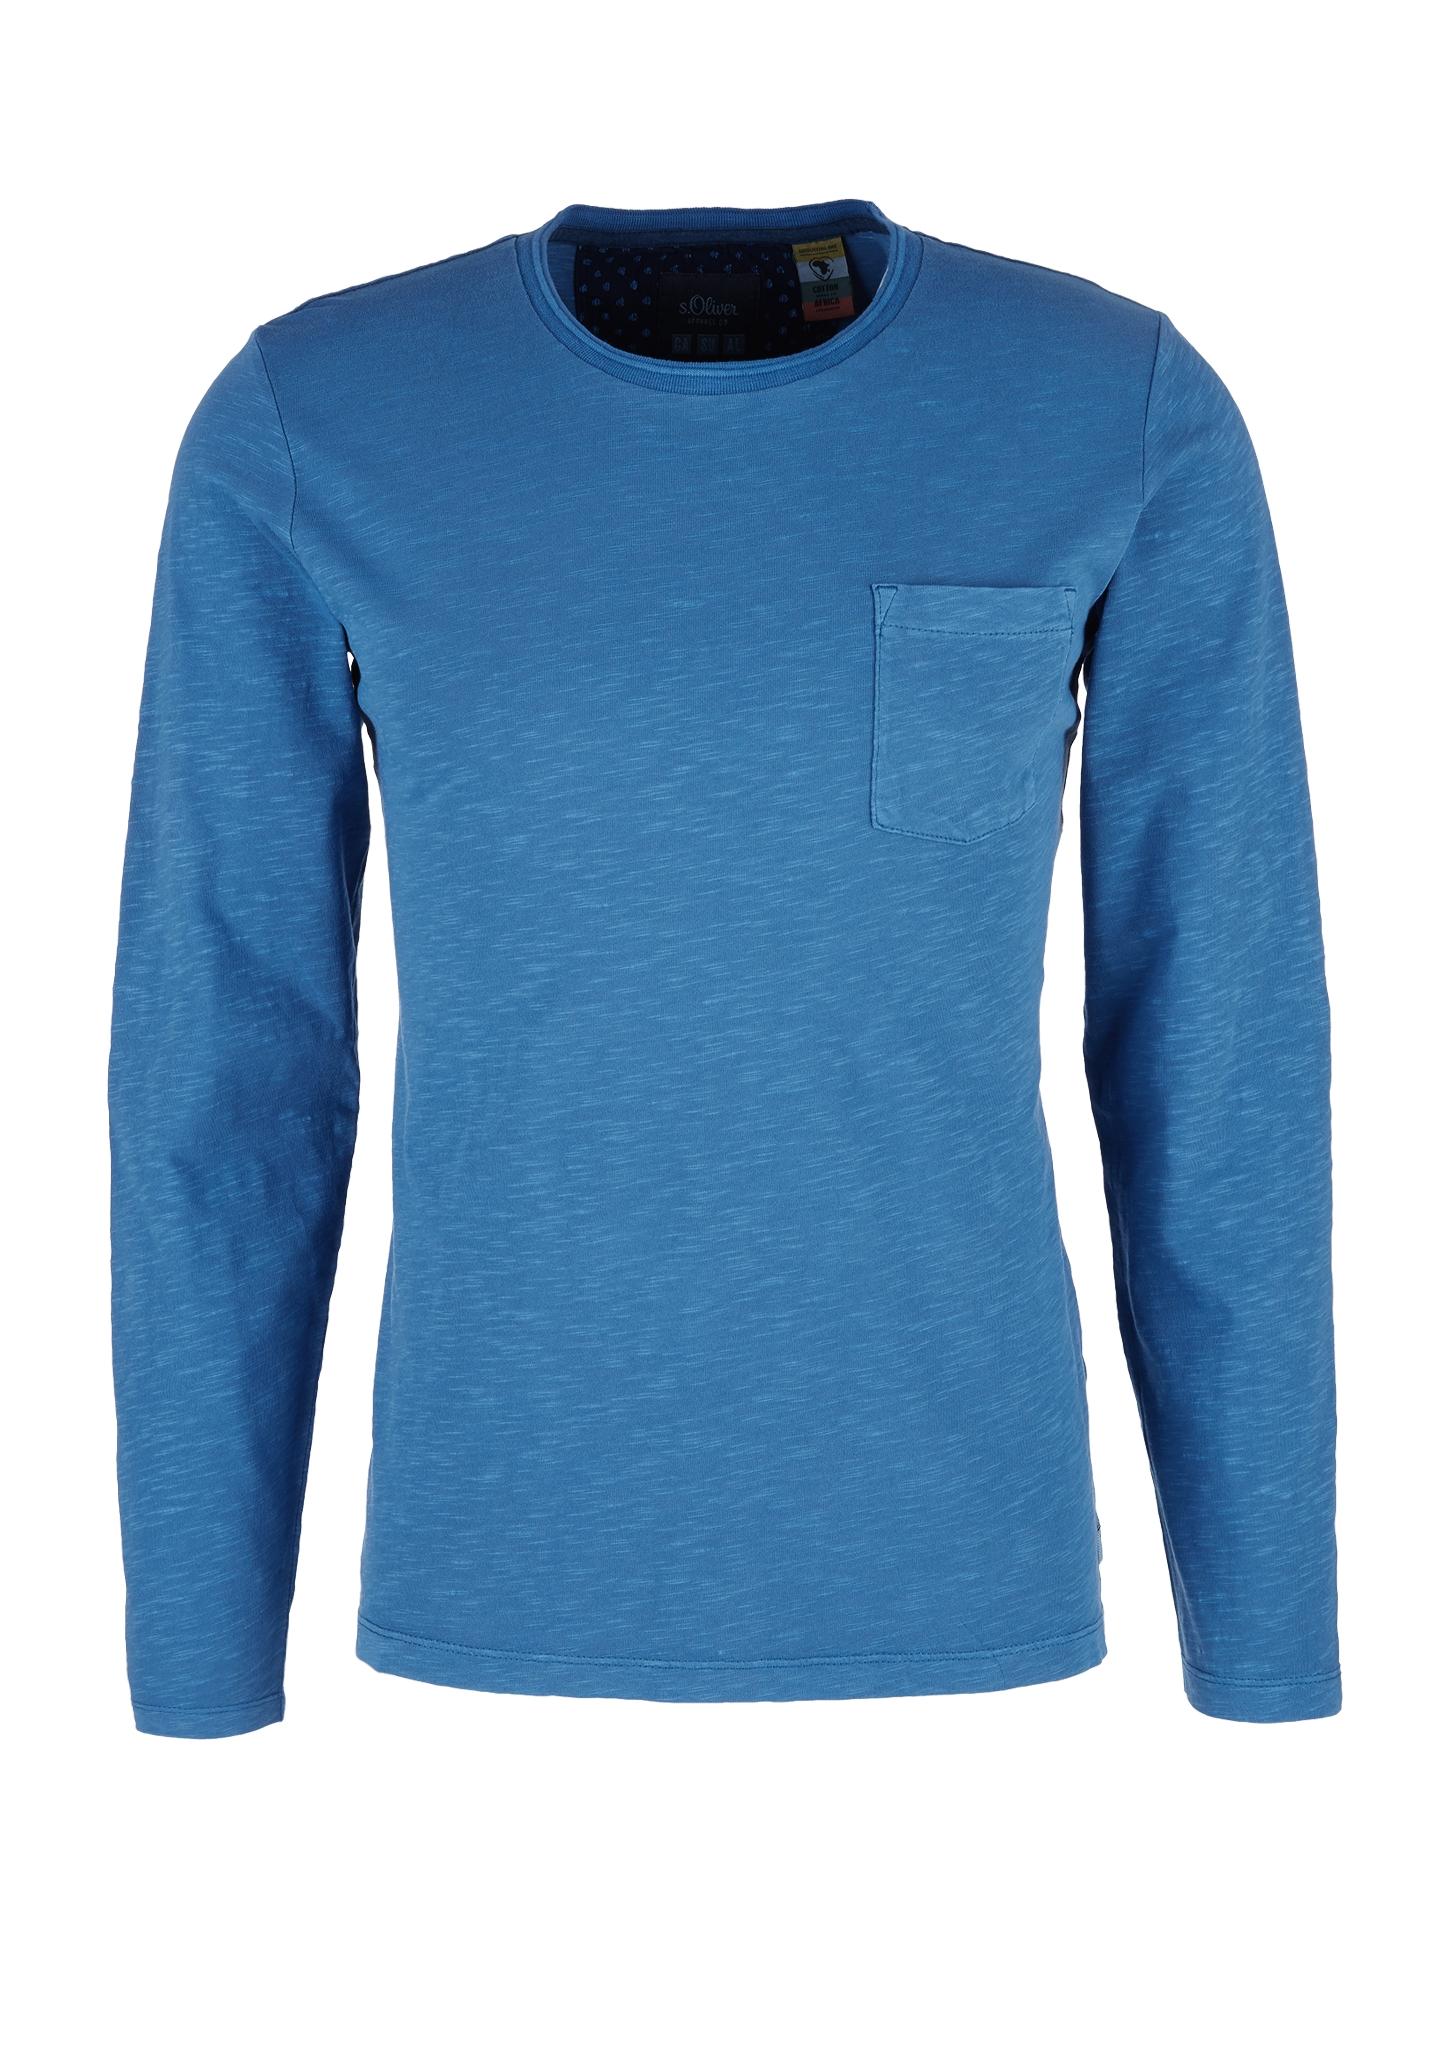 Langarmshirt   Bekleidung > Shirts > Langarm Shirts   s.Oliver